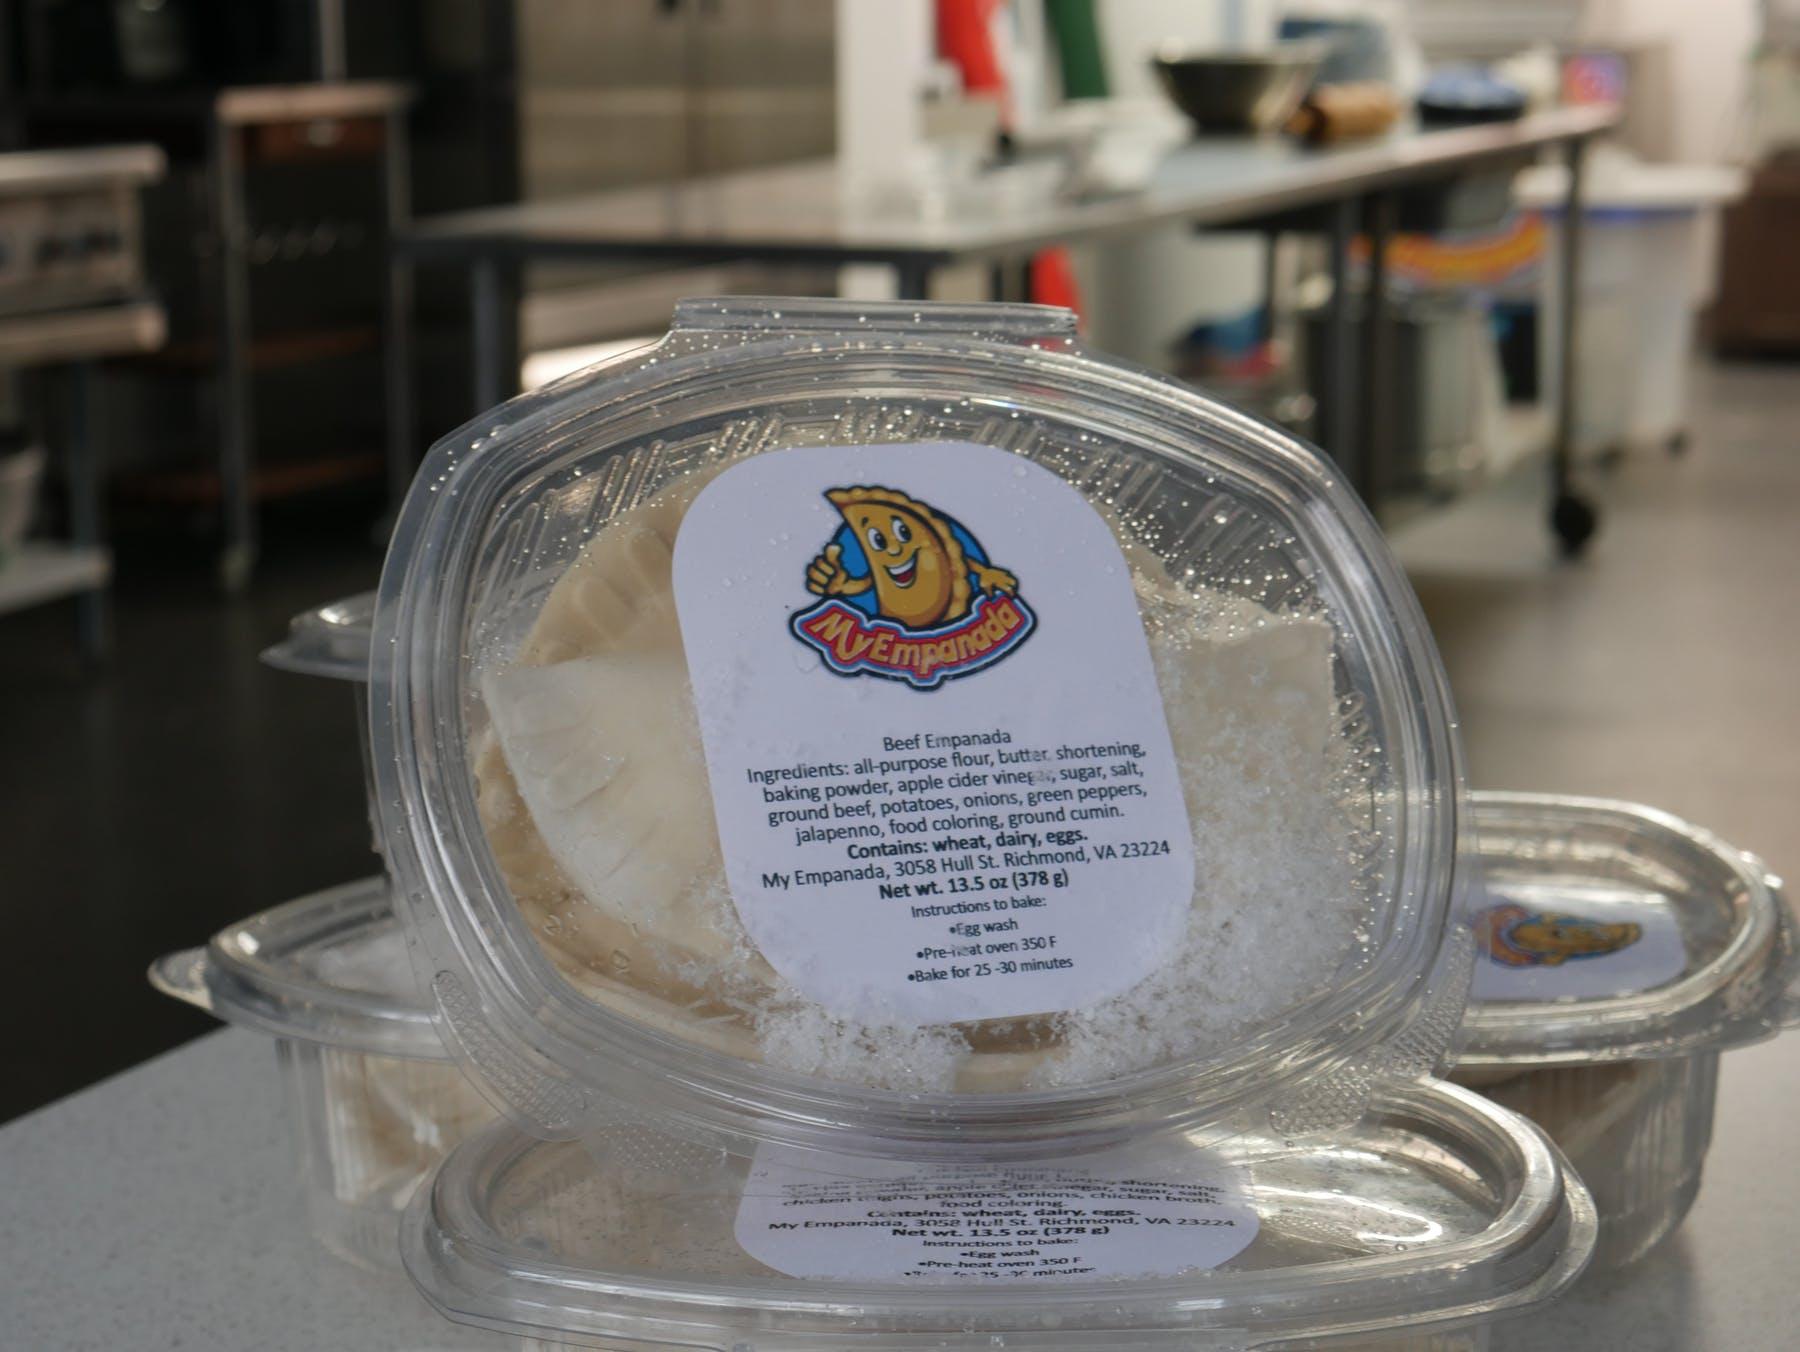 empanadas in a plastic box